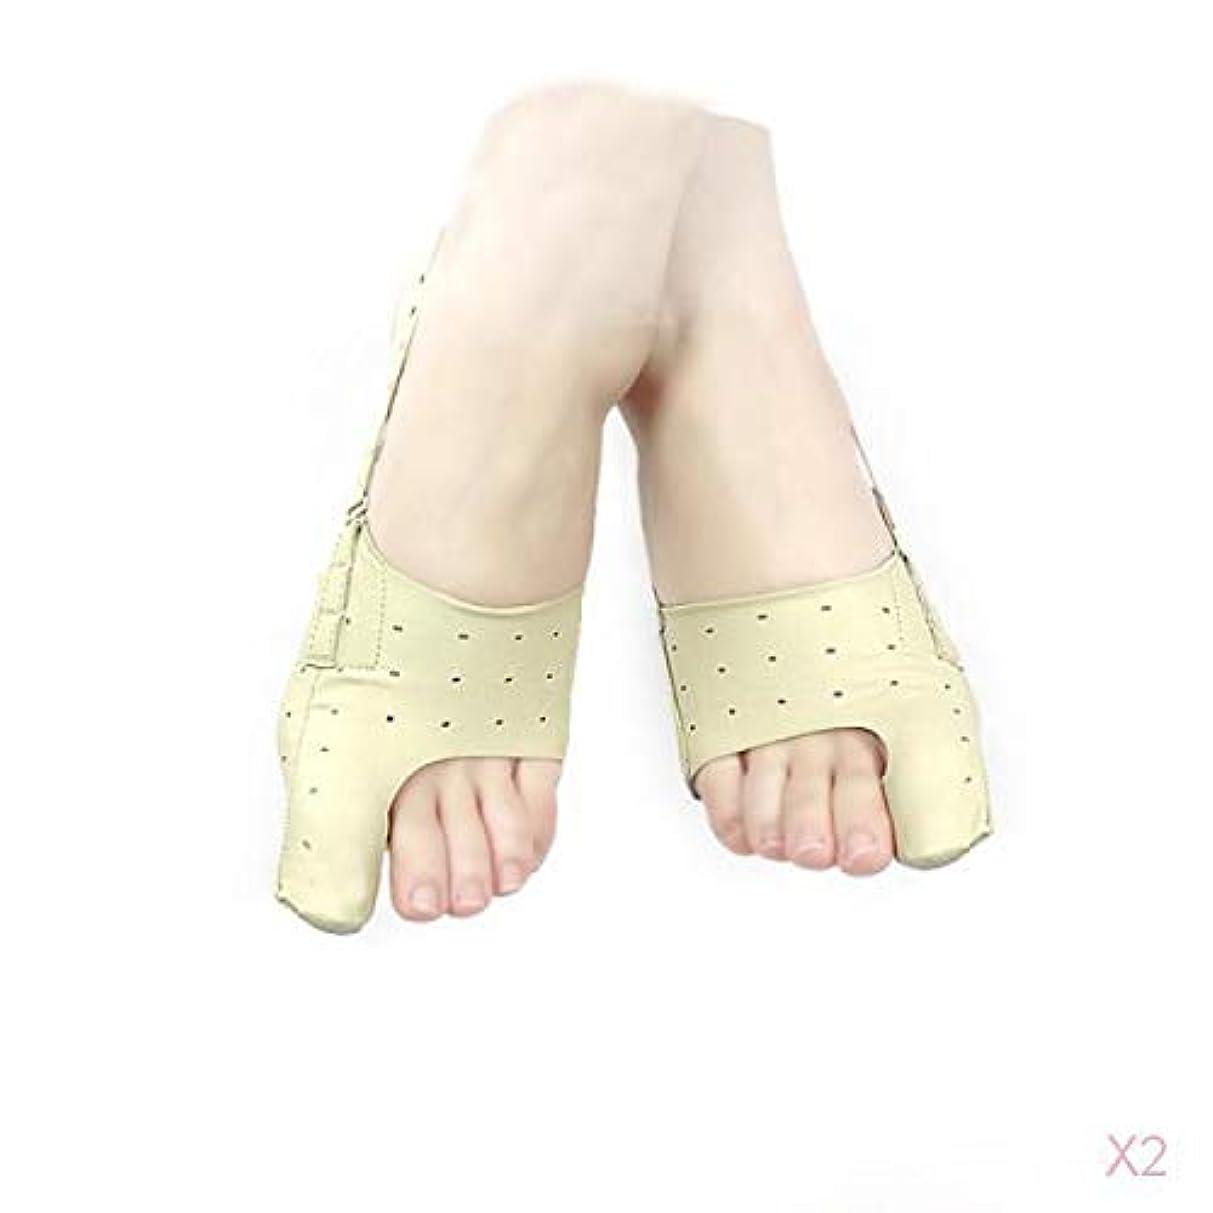 消える教えて生命体Hellery 親指サポーター バニオン スプリント 外反母趾矯正 超薄型 デイ&ナイト L 痛みを軽減 2個入